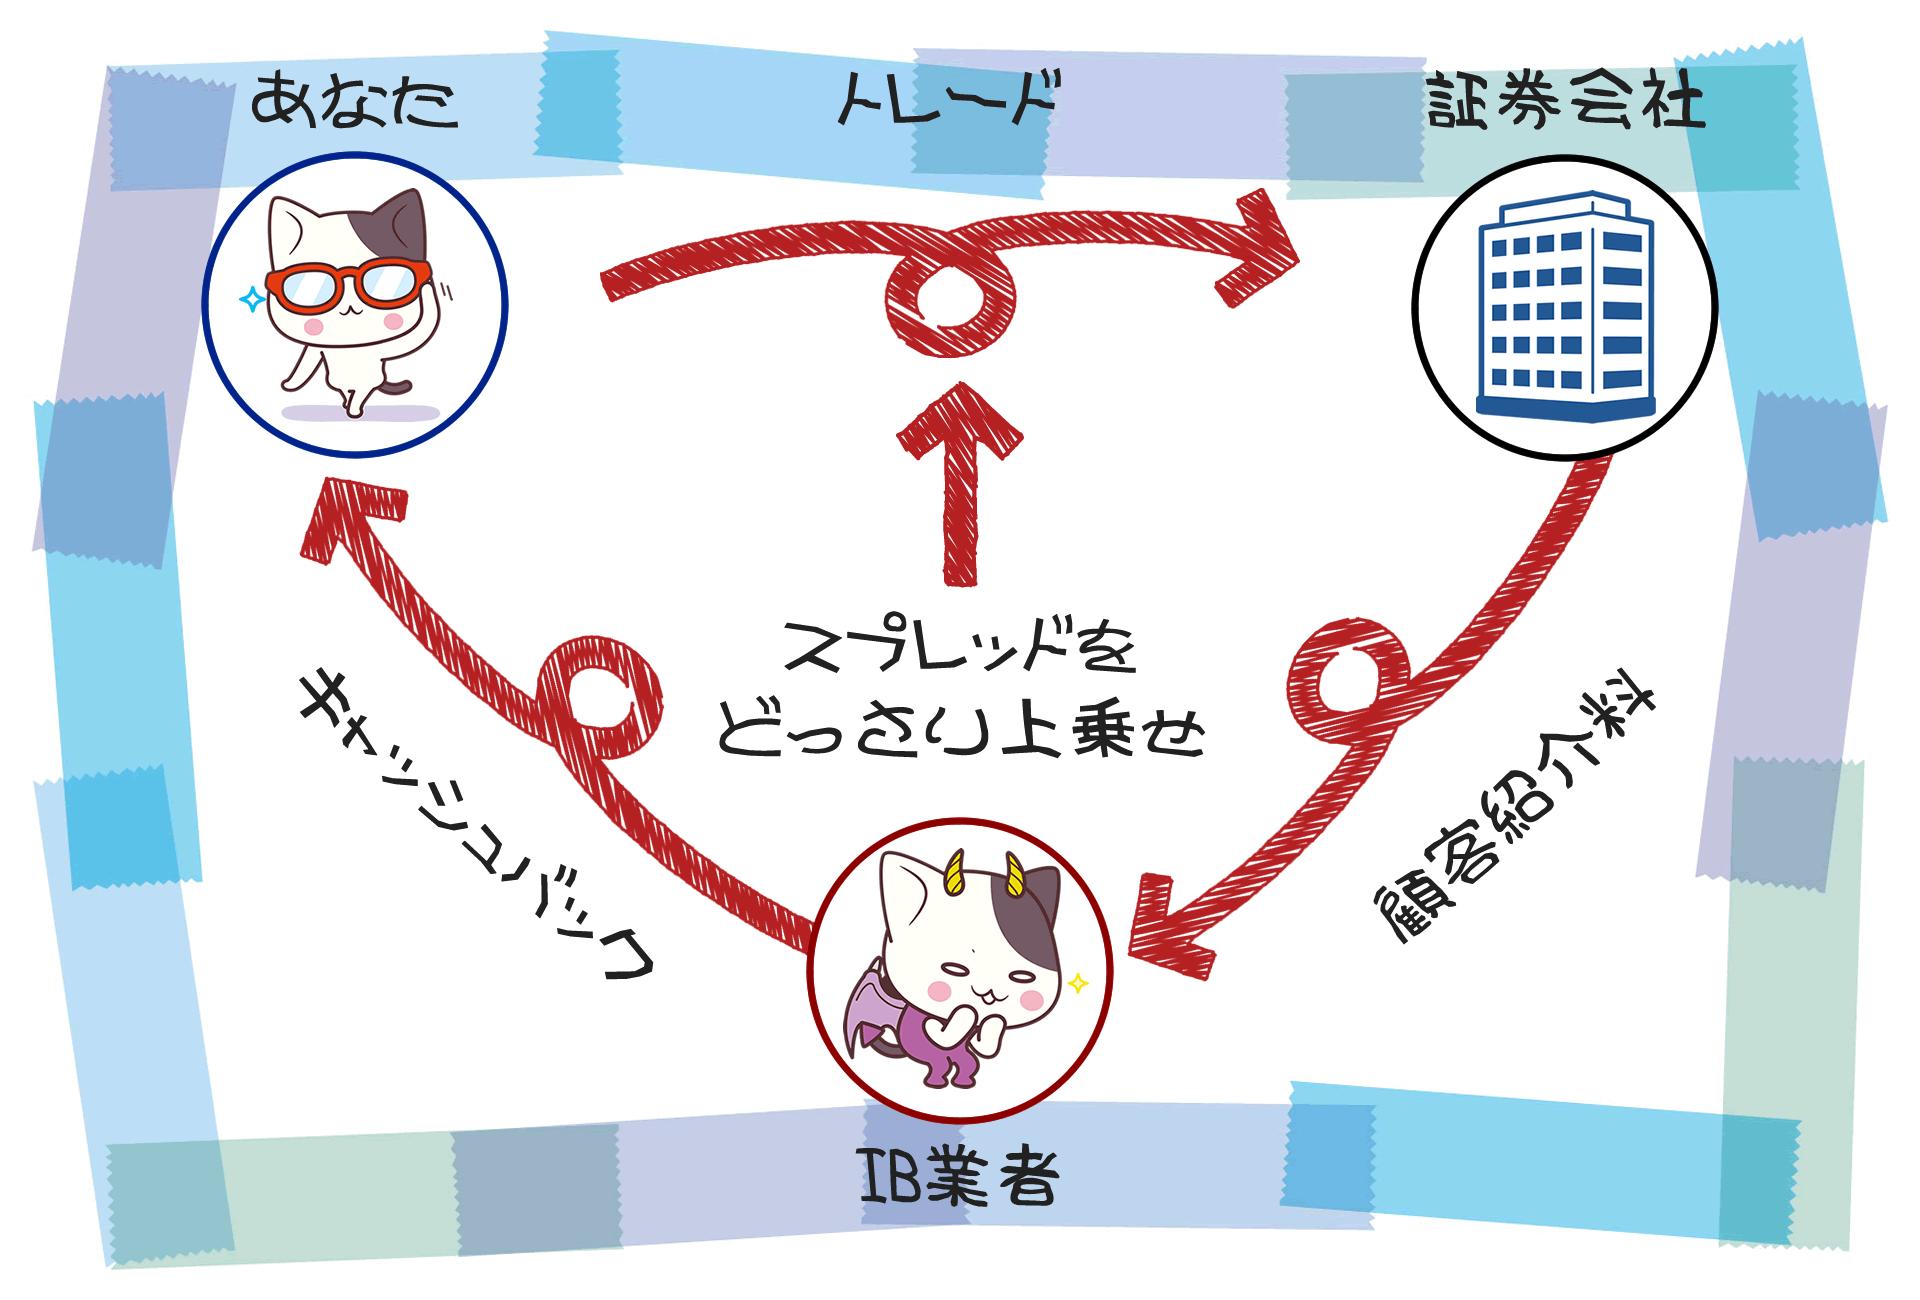 海外FXのキャッシュバックの仕組みの図